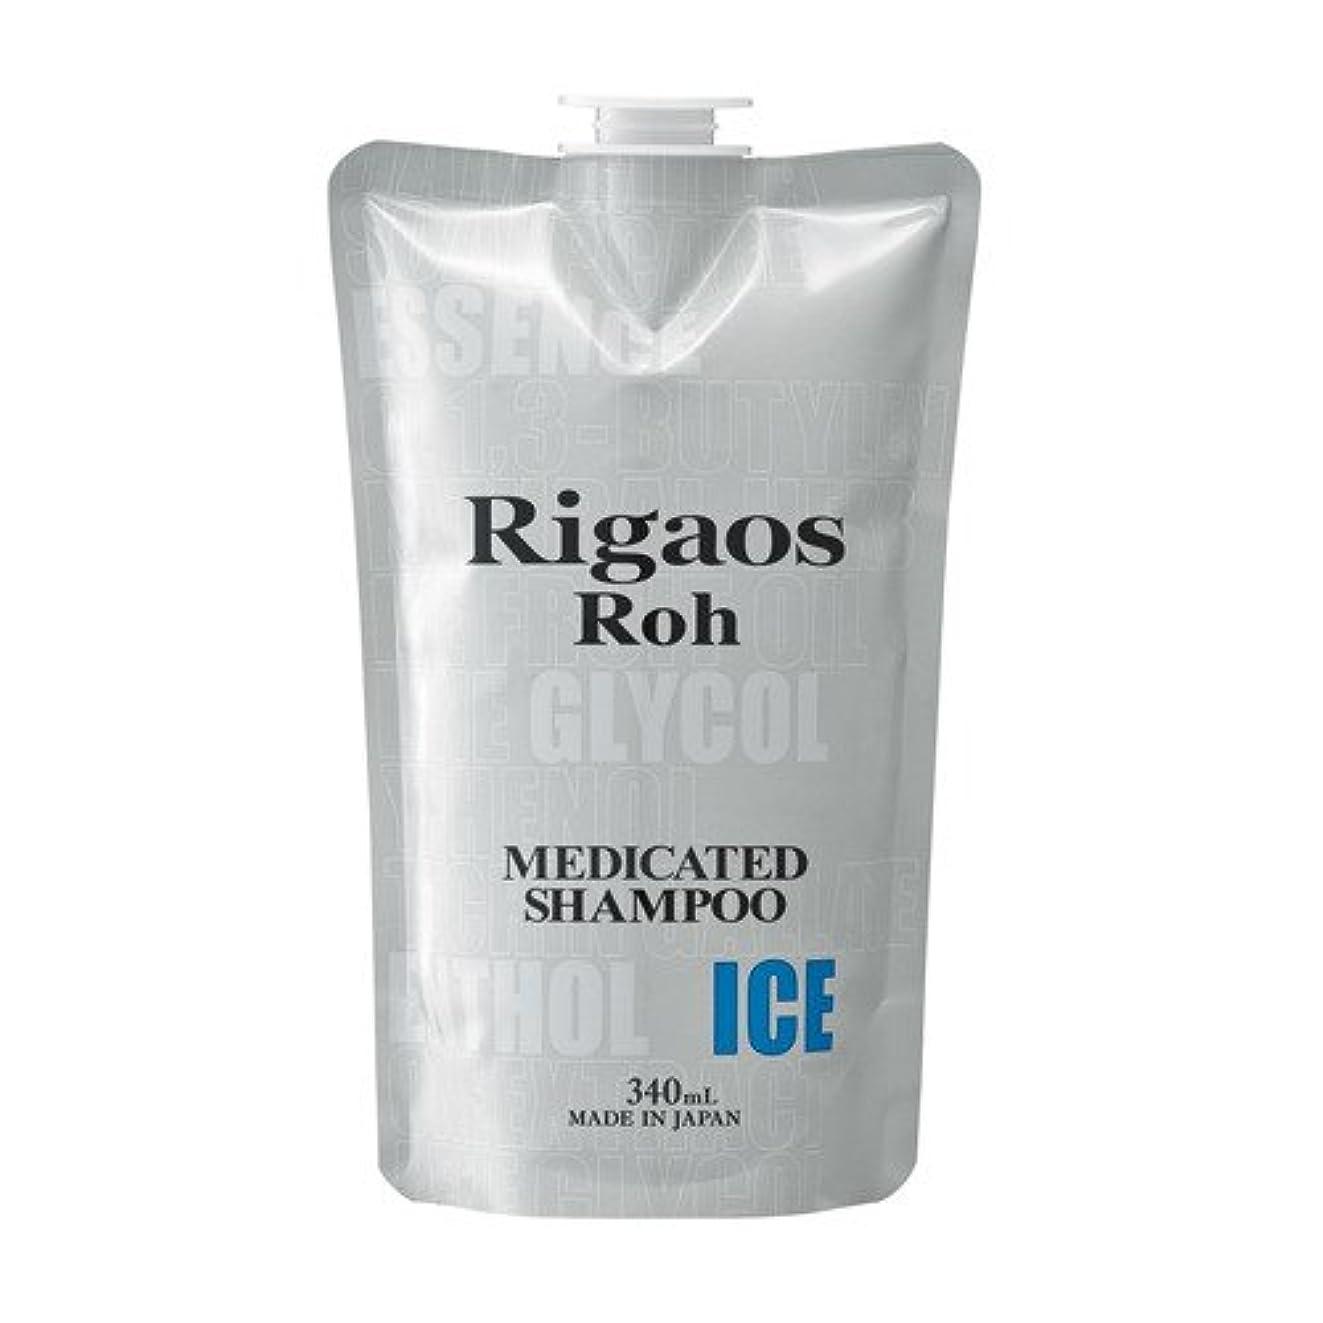 禁止無効にする無効にするリガオス ロー 薬用スカルプケア シャンプー ICE レフィル (340mL) [医薬部外品]